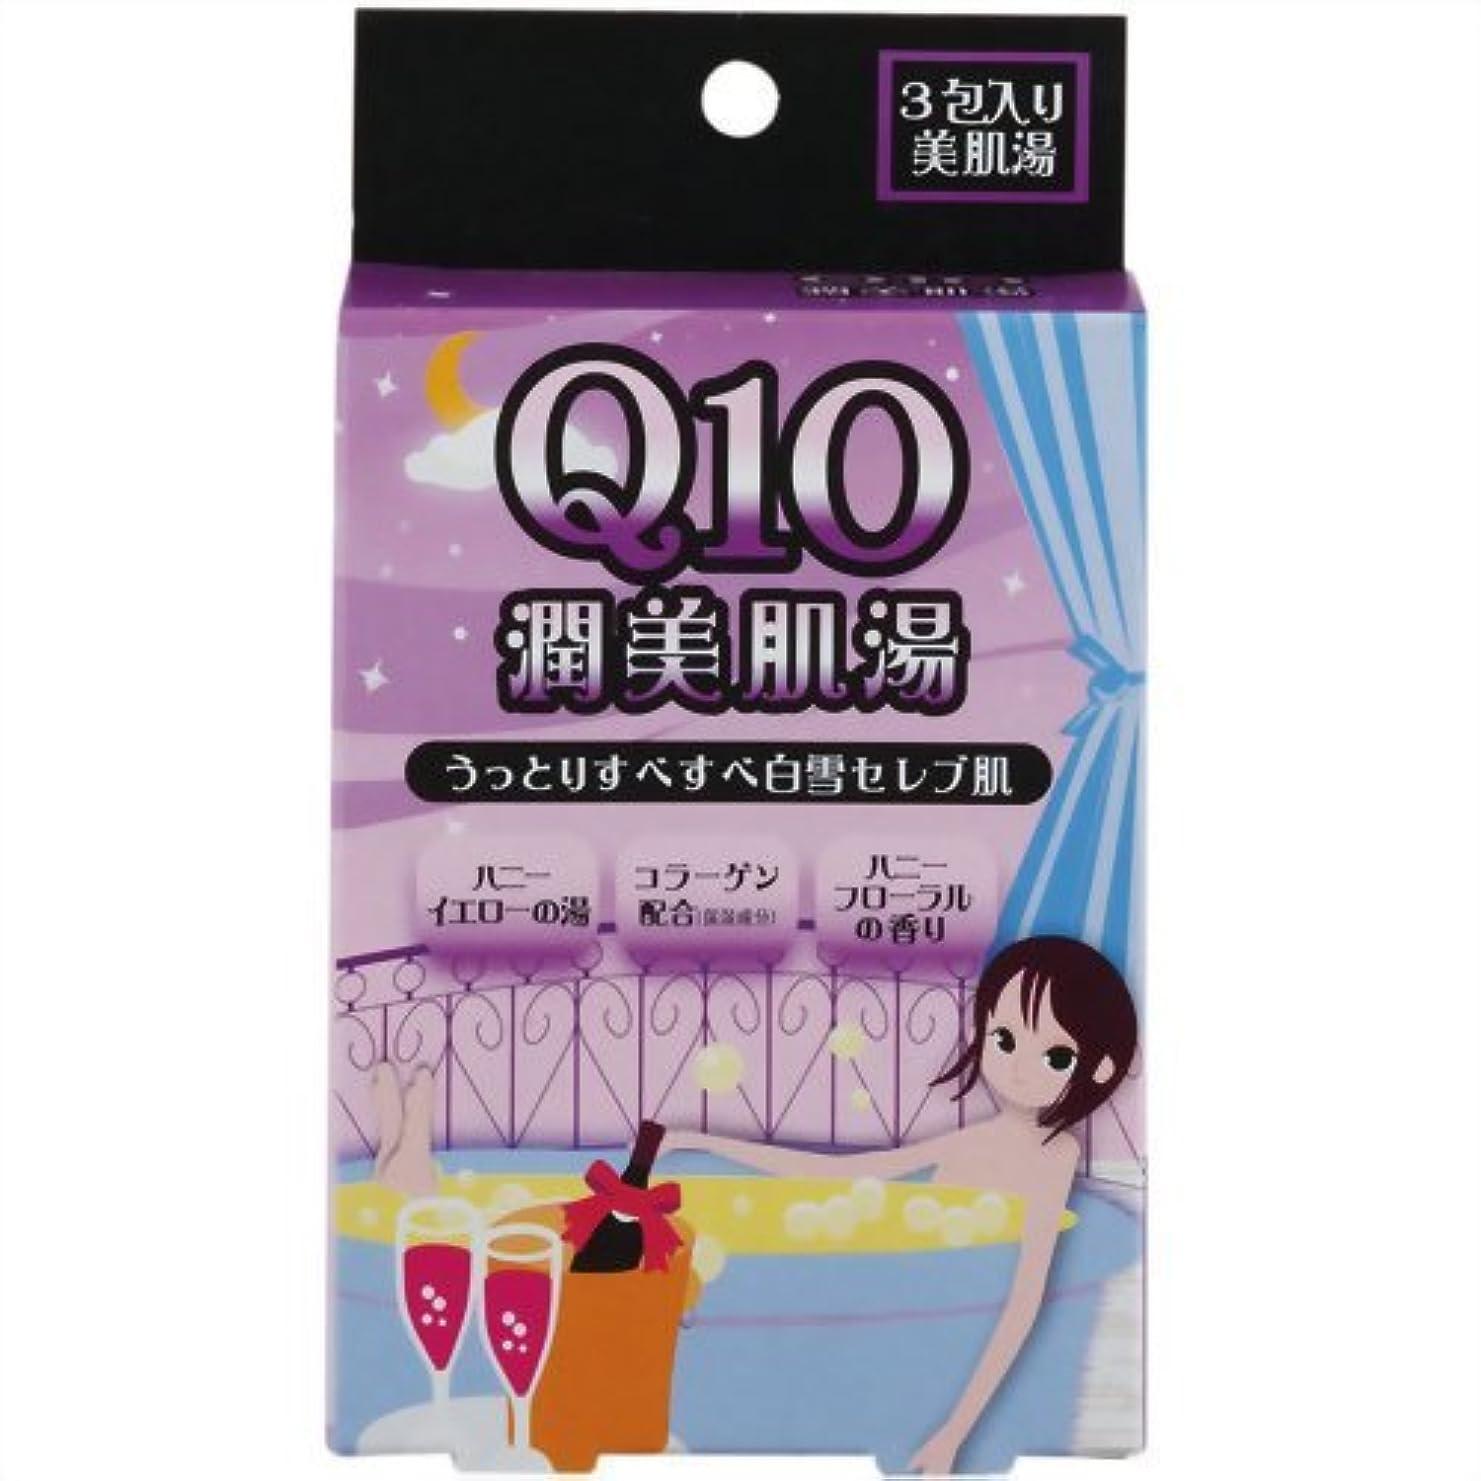 無駄に見物人つらい紀陽除虫菊 Q10 潤美肌湯 (ハニーフローラルの香り)【まとめ買い10個セット】 N-8371